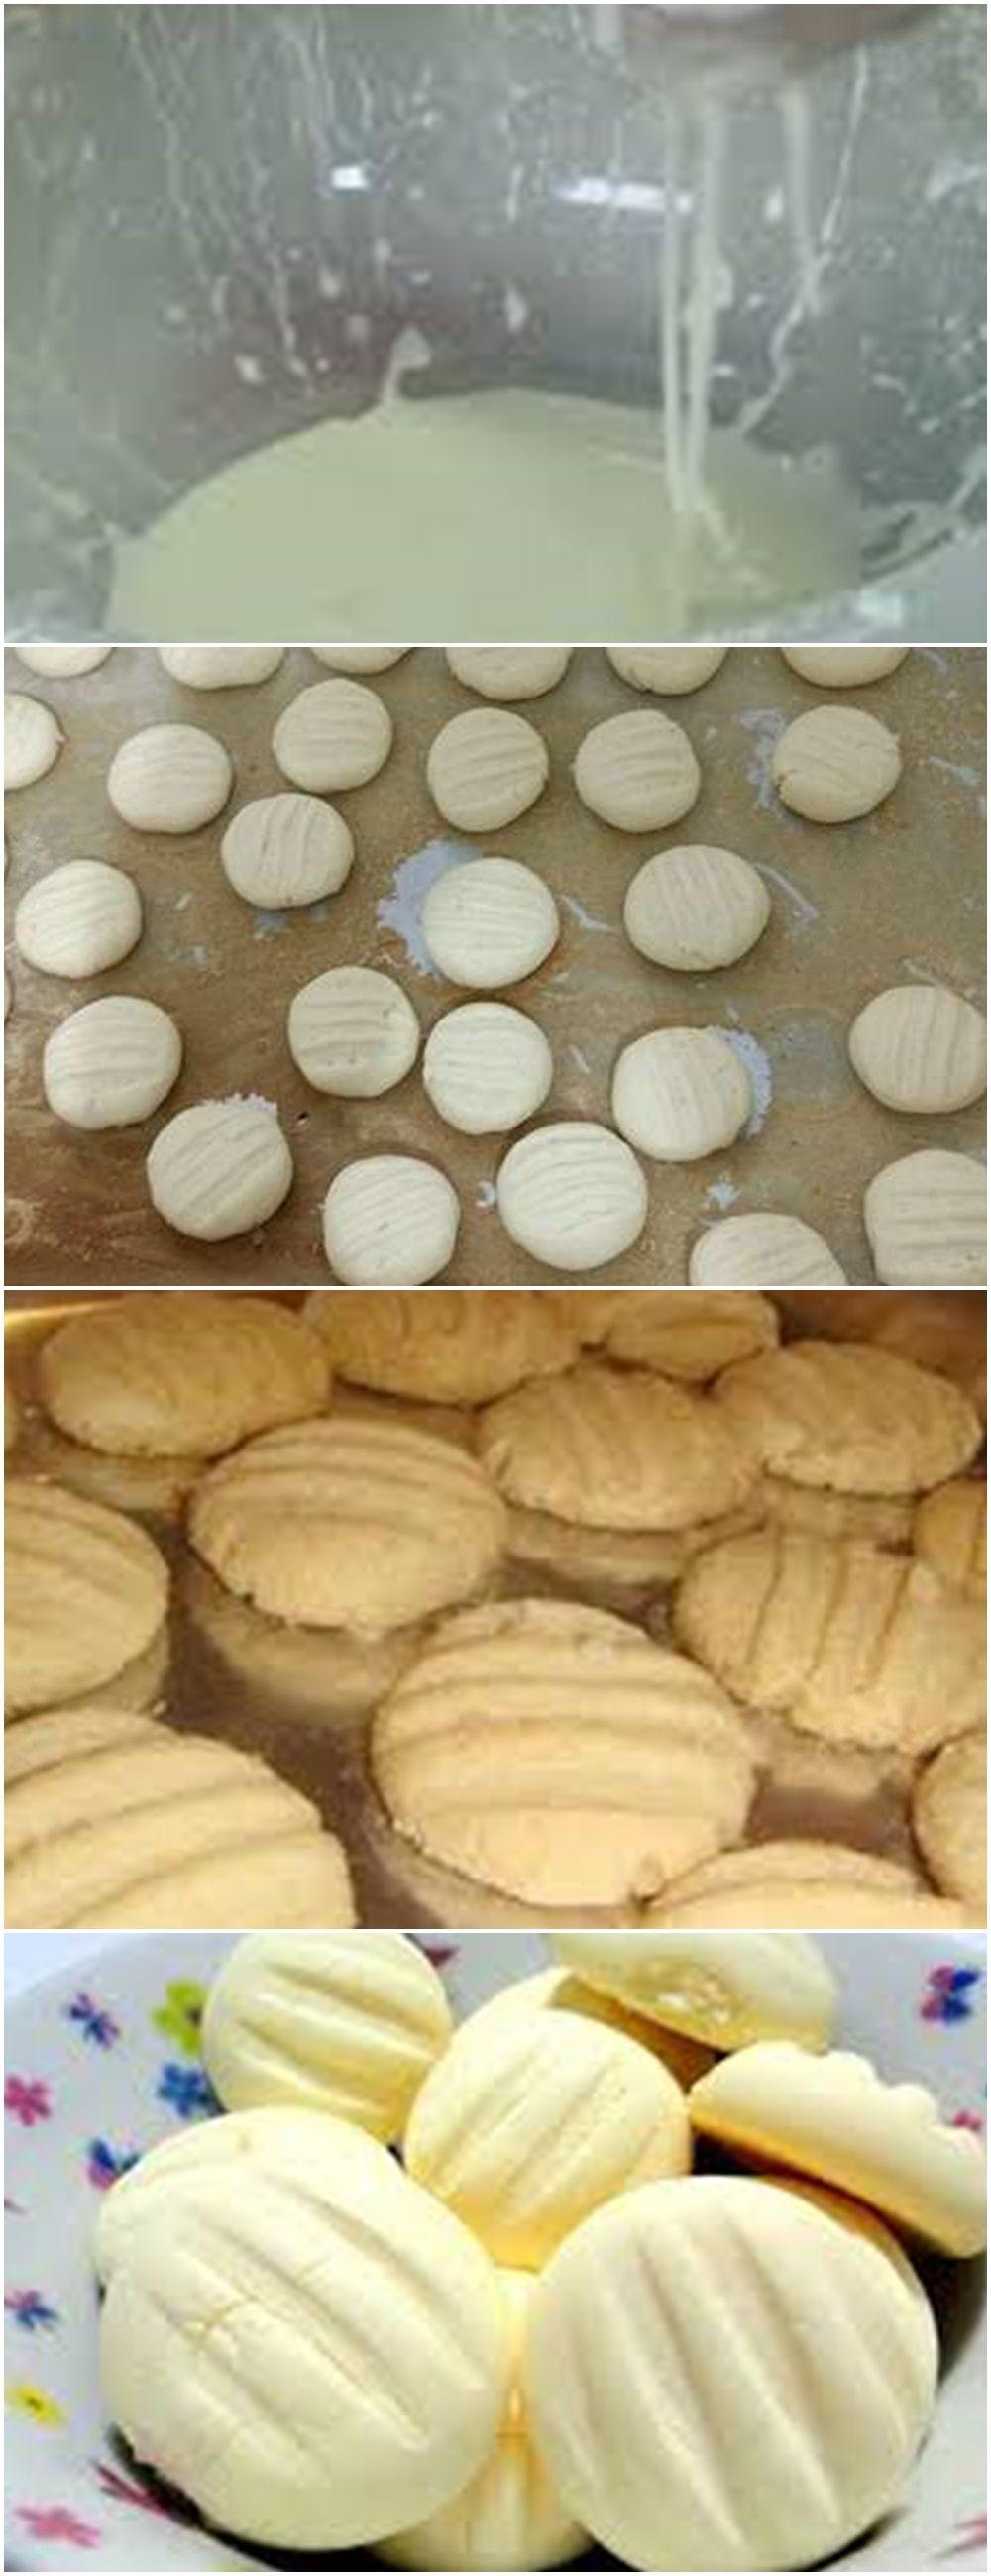 Biscoitinhos De Maisena Com Coco Que Derretem Na Boca Biscoito De Maisena Maisena Biscoitos